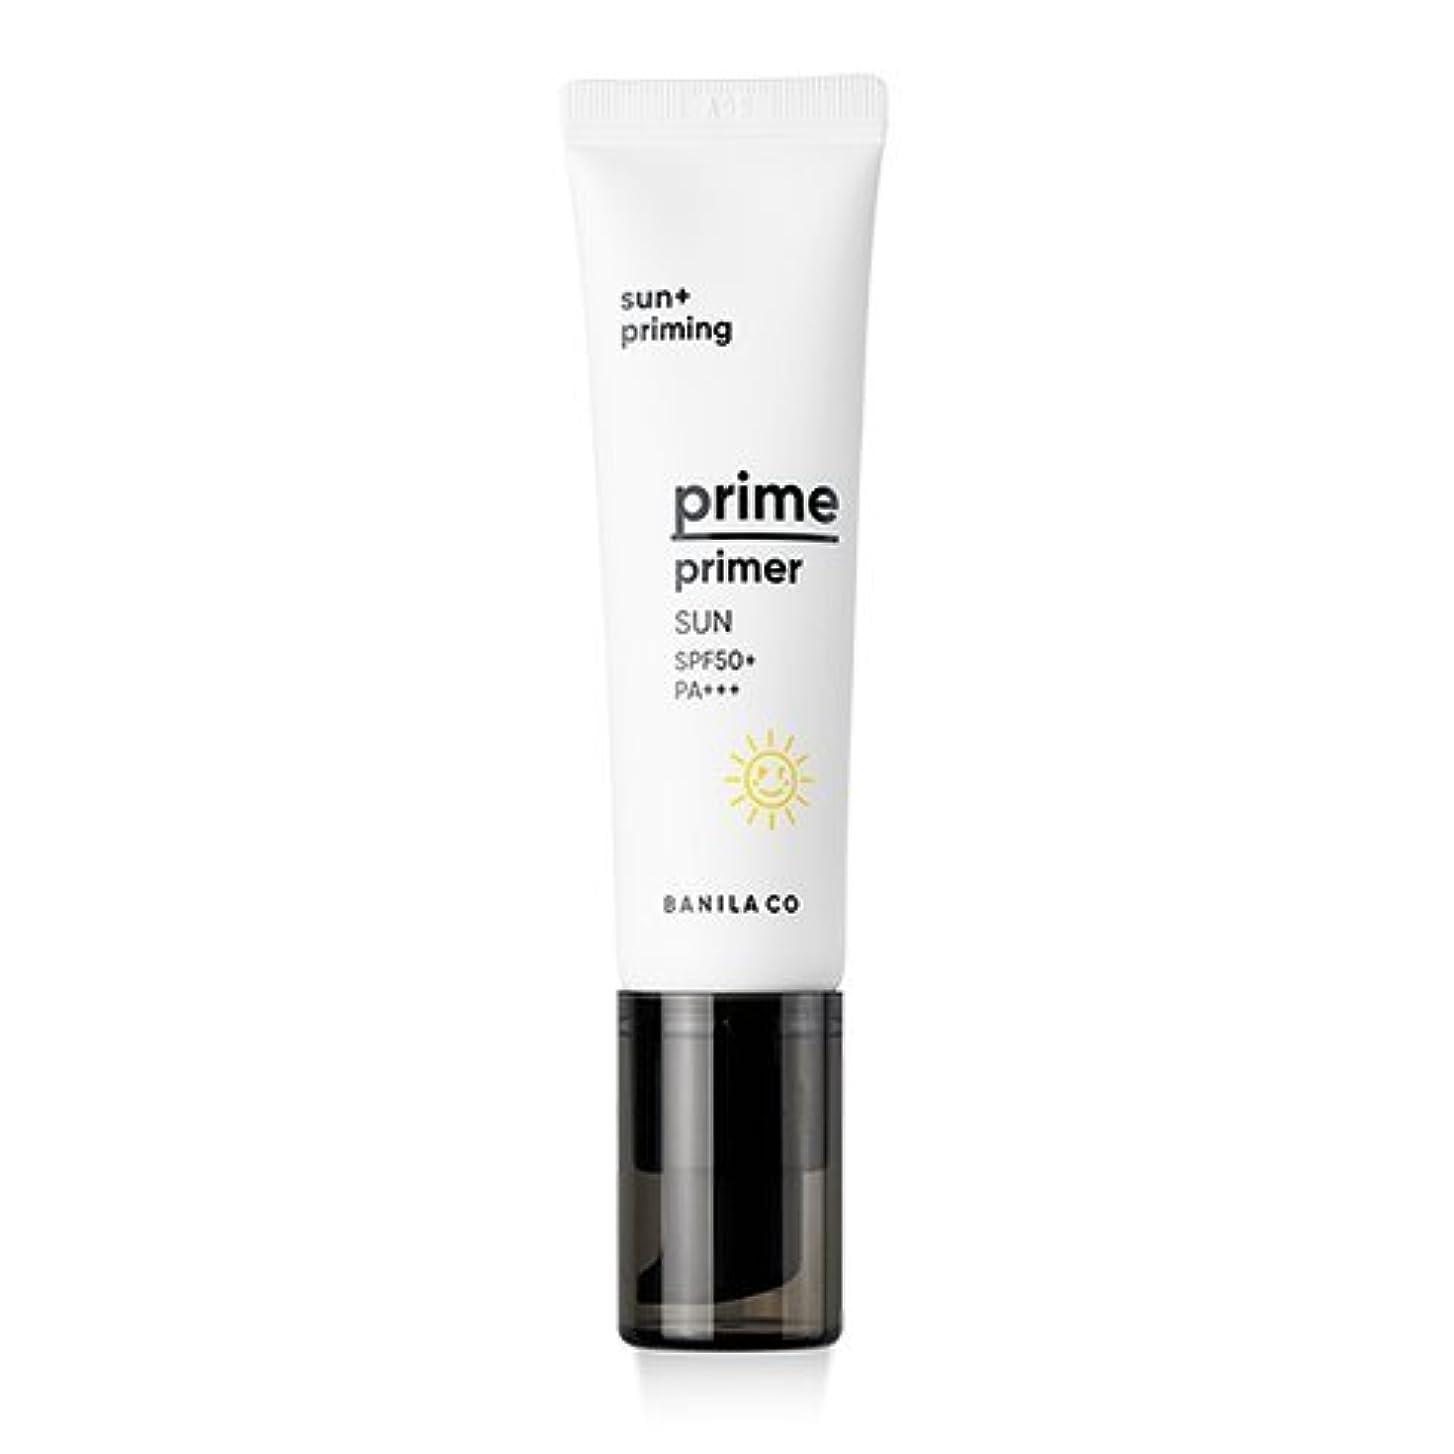 カナダ統合するモンスター[Renewal] BANILA CO Prime Primer Sun 30ml/バニラコ プライム プライマー サン 30ml [並行輸入品]